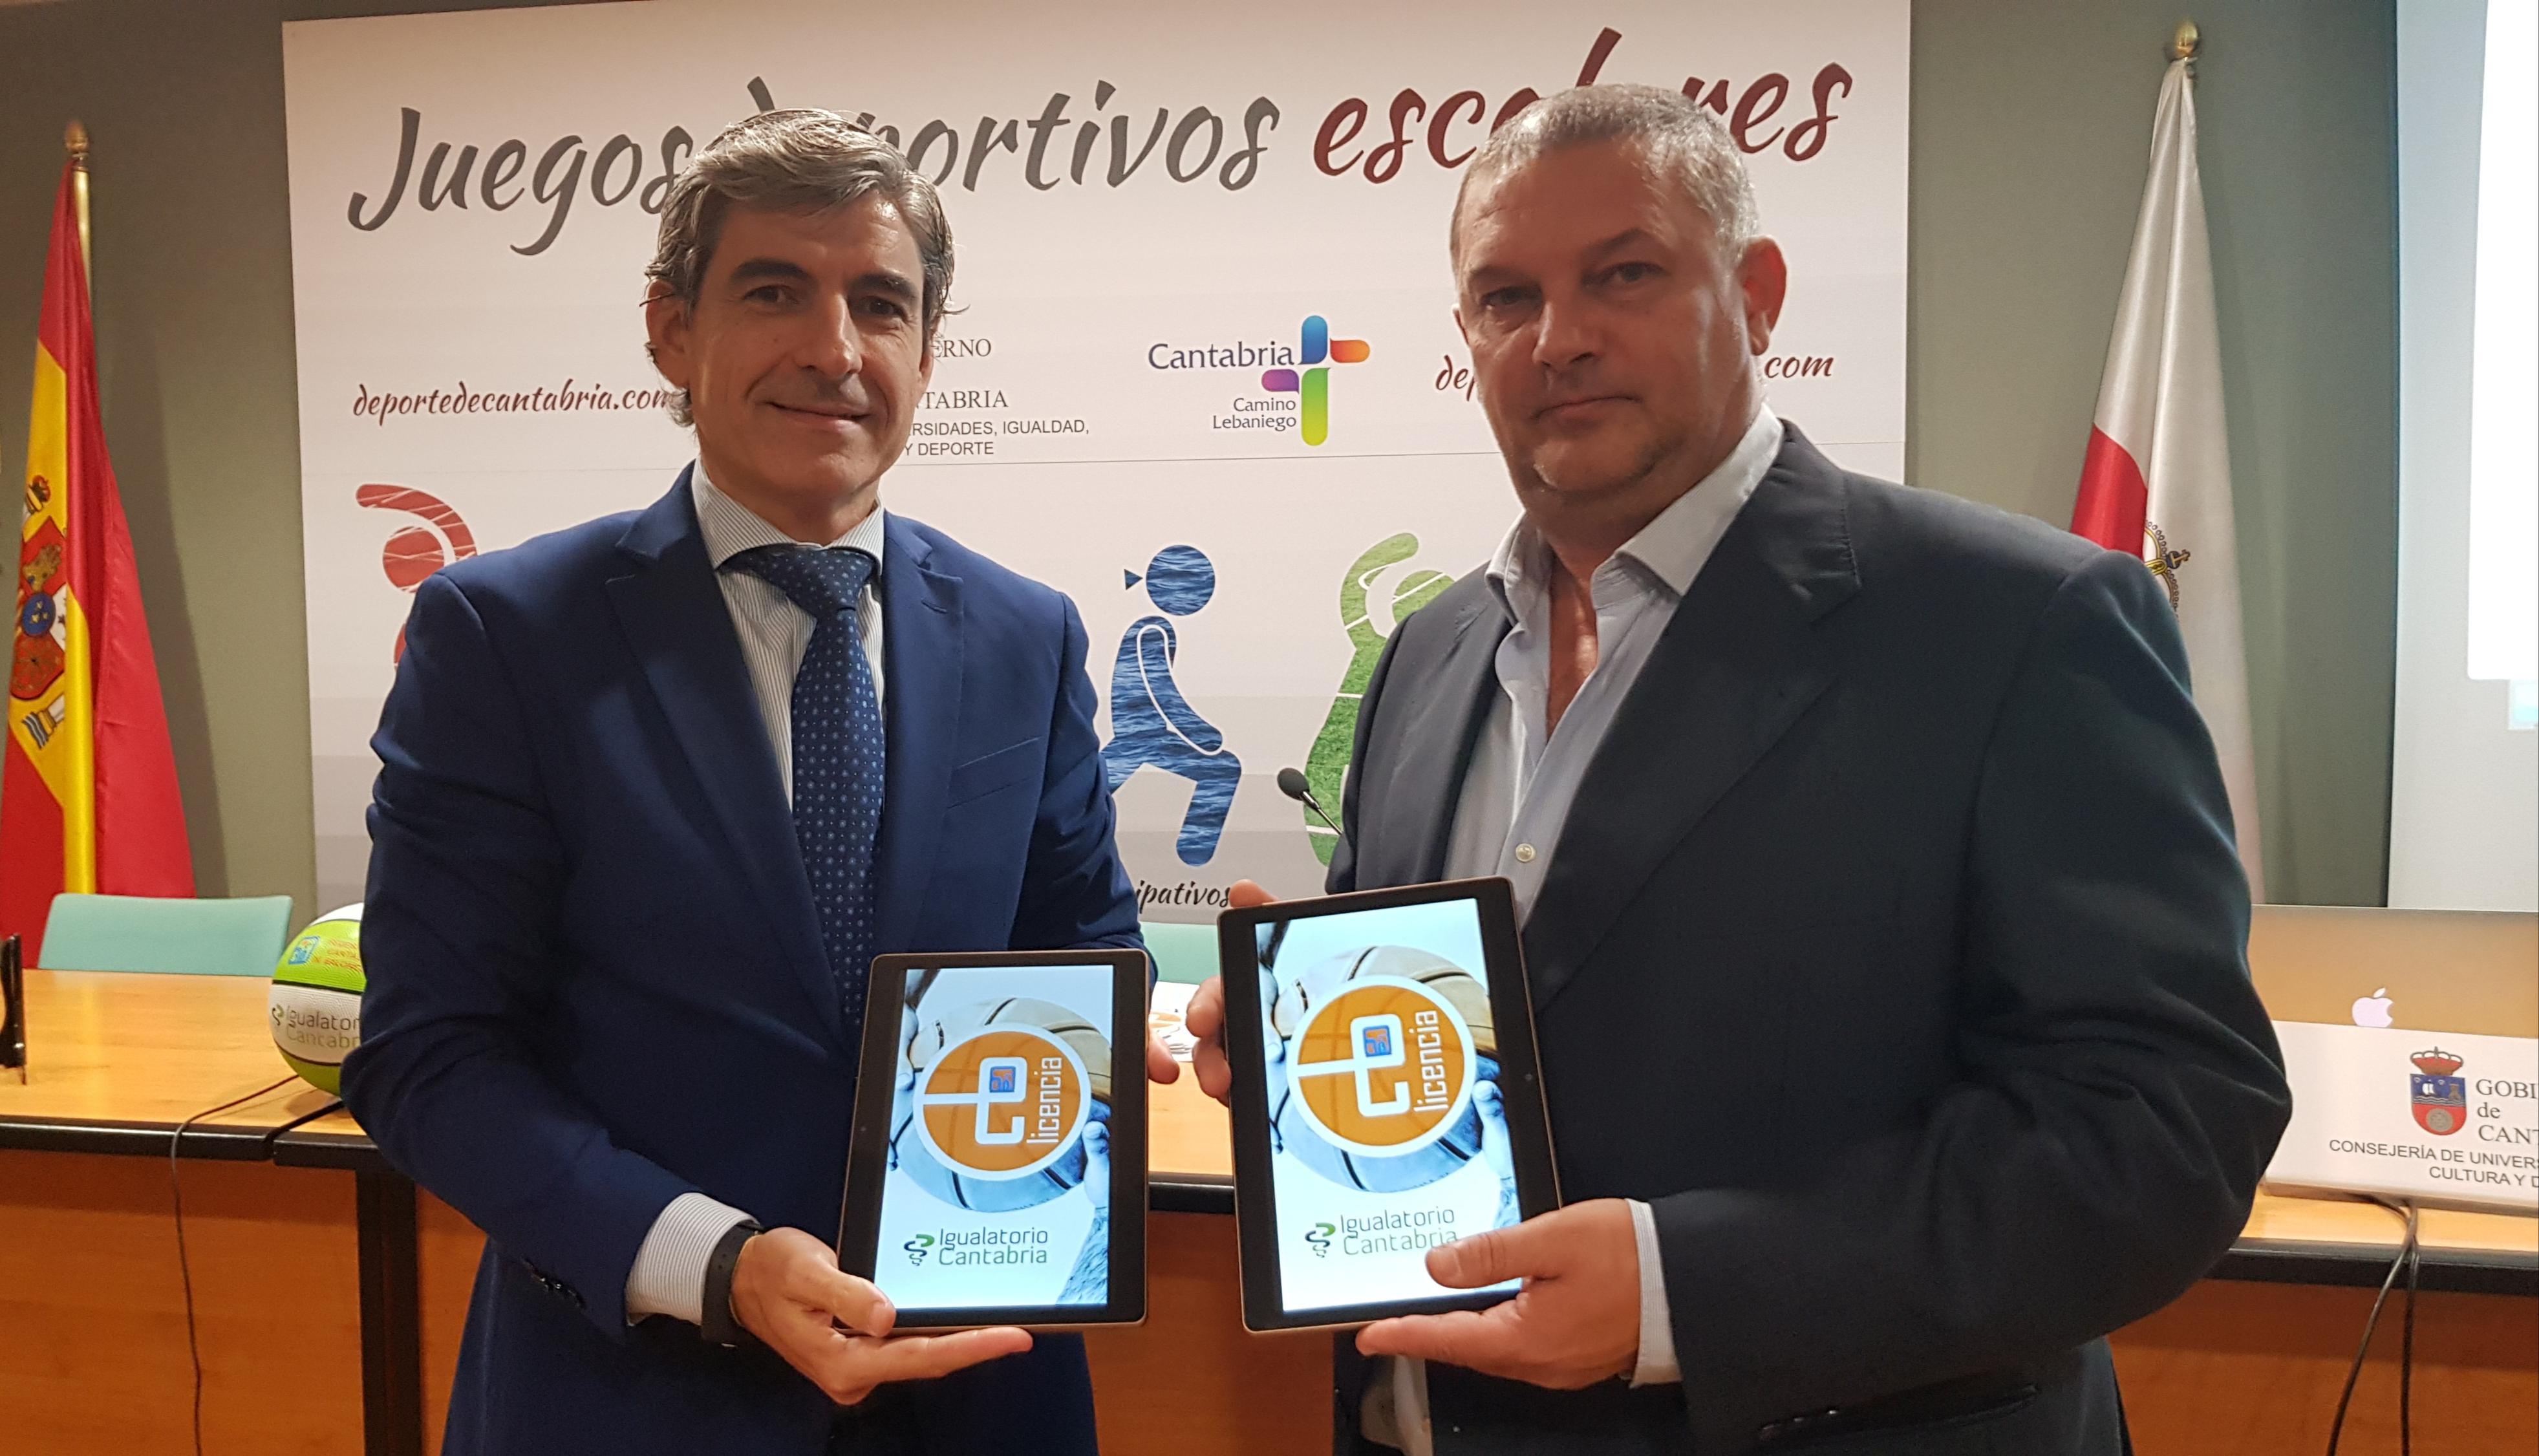 Igualatorio Cantabria Renueva Su Colaboración Con La Federación Cántabra De Baloncesto